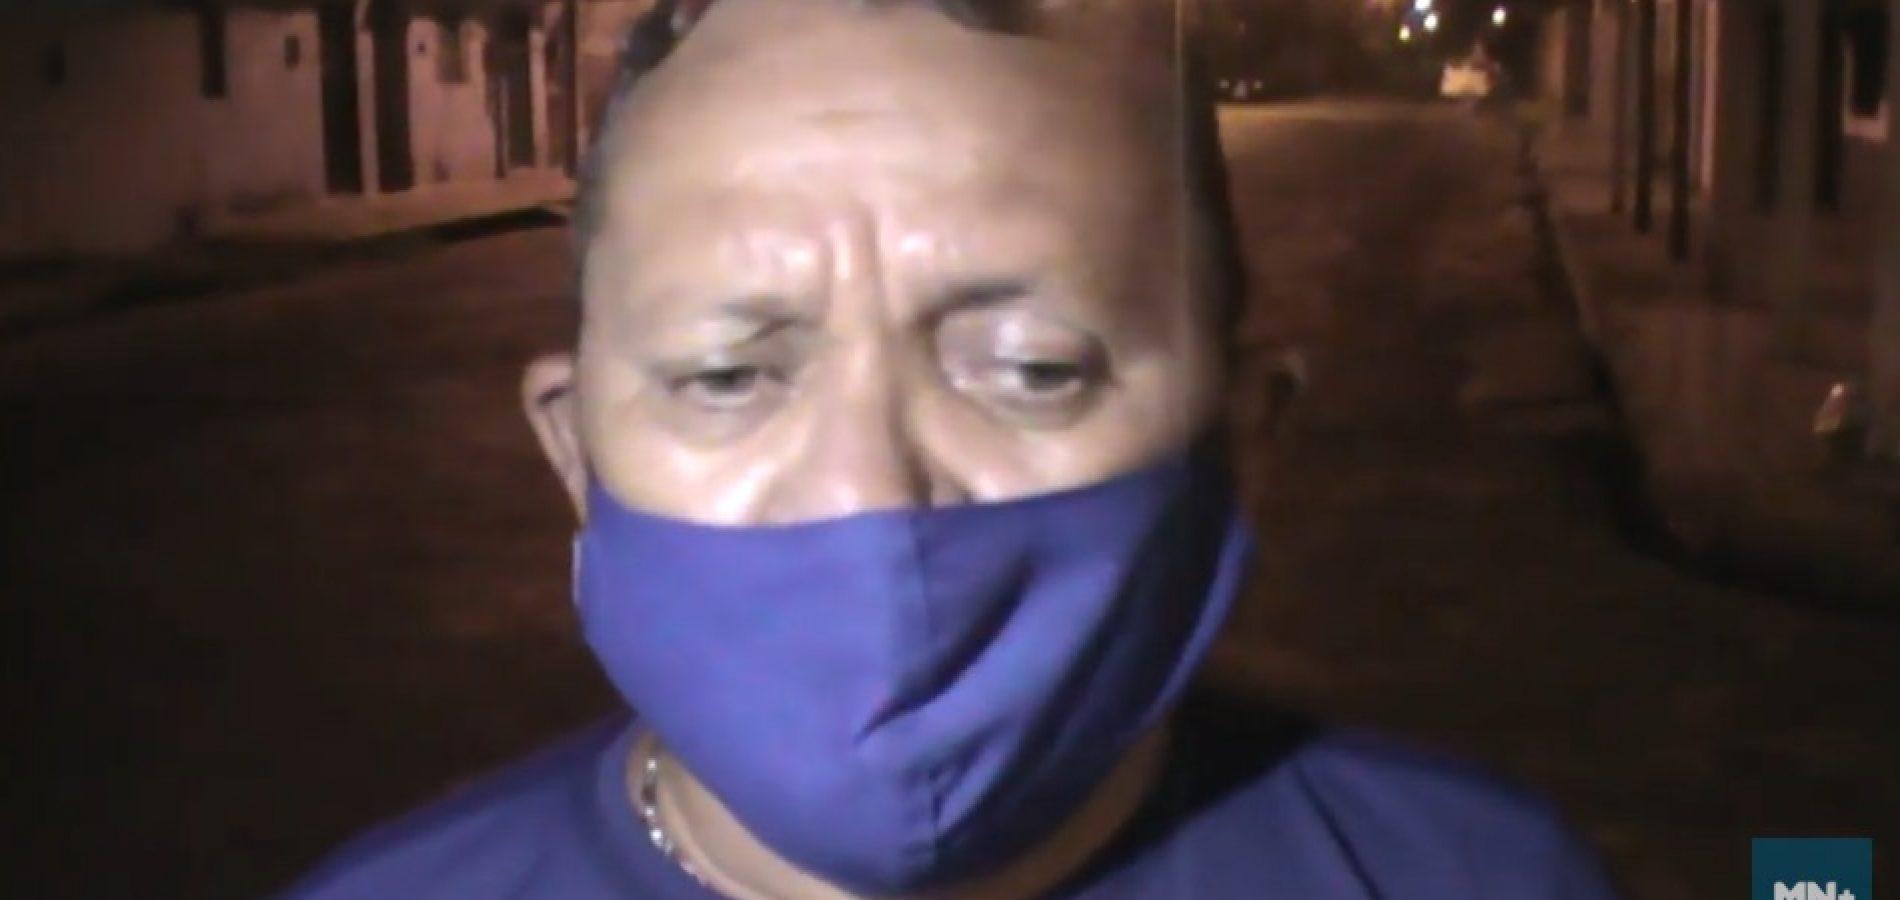 Repórter é assaltado ao tentar entrevistar acusado de roubo no Piauí